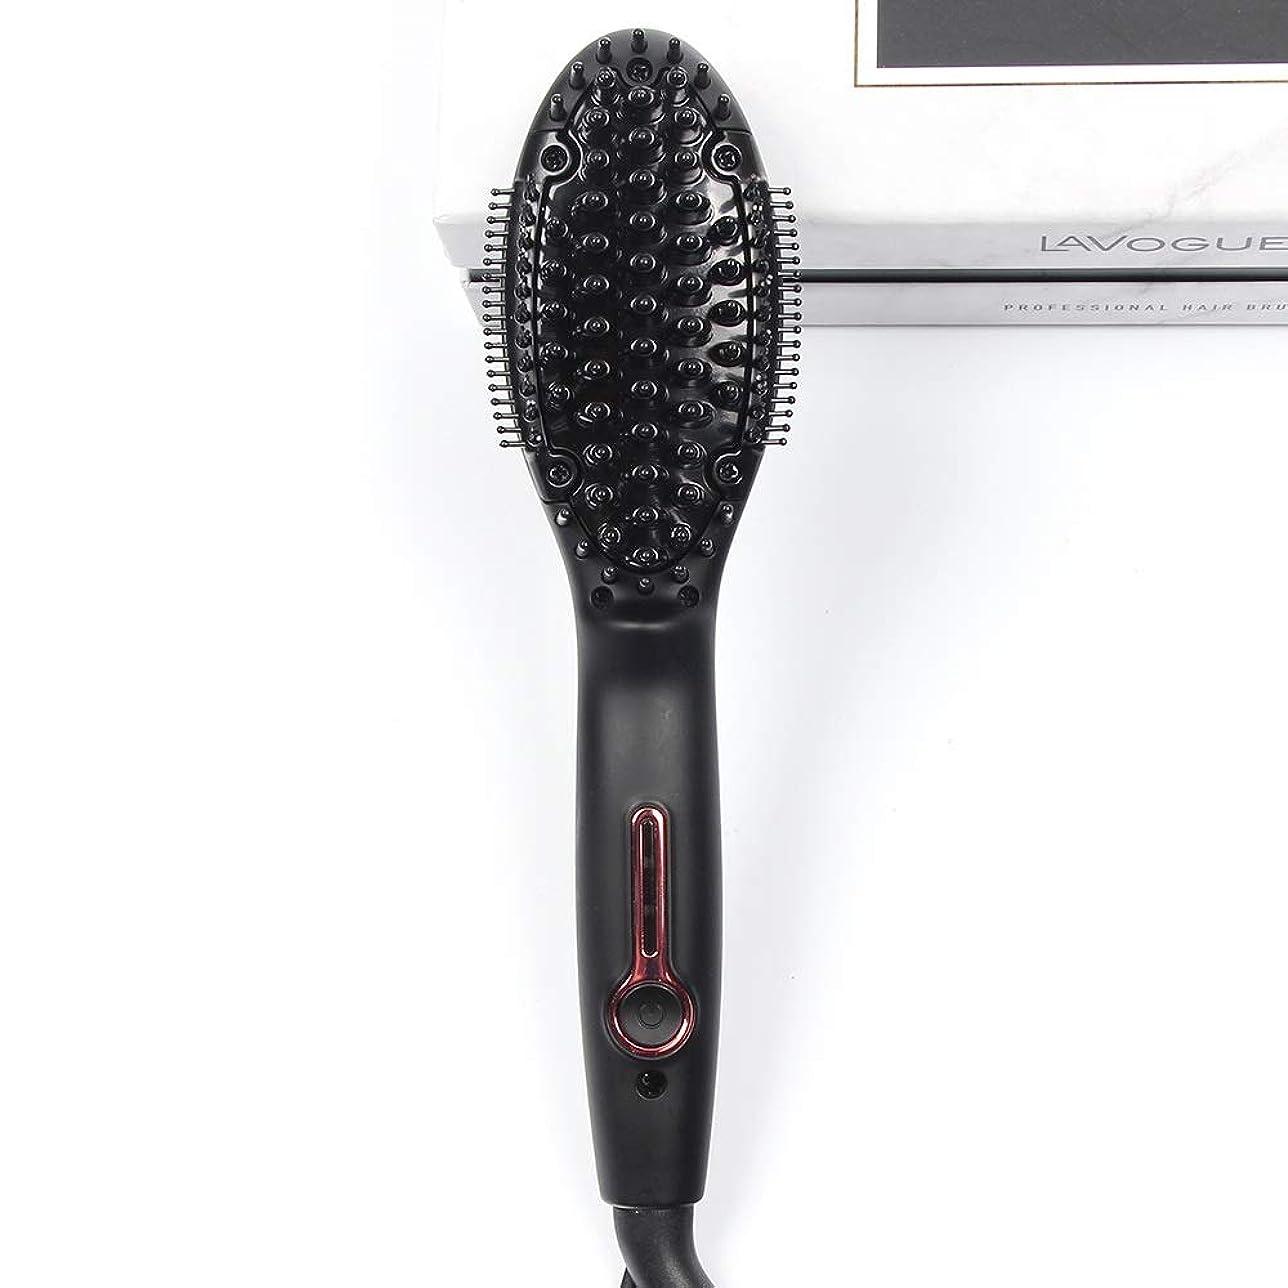 ステージラッカスベースプロのセラミックストレートヘアアイロン、ミニ多機能ストレートヘア櫛アンチスケーリングマッサージ歯矯正は髪を傷つけません